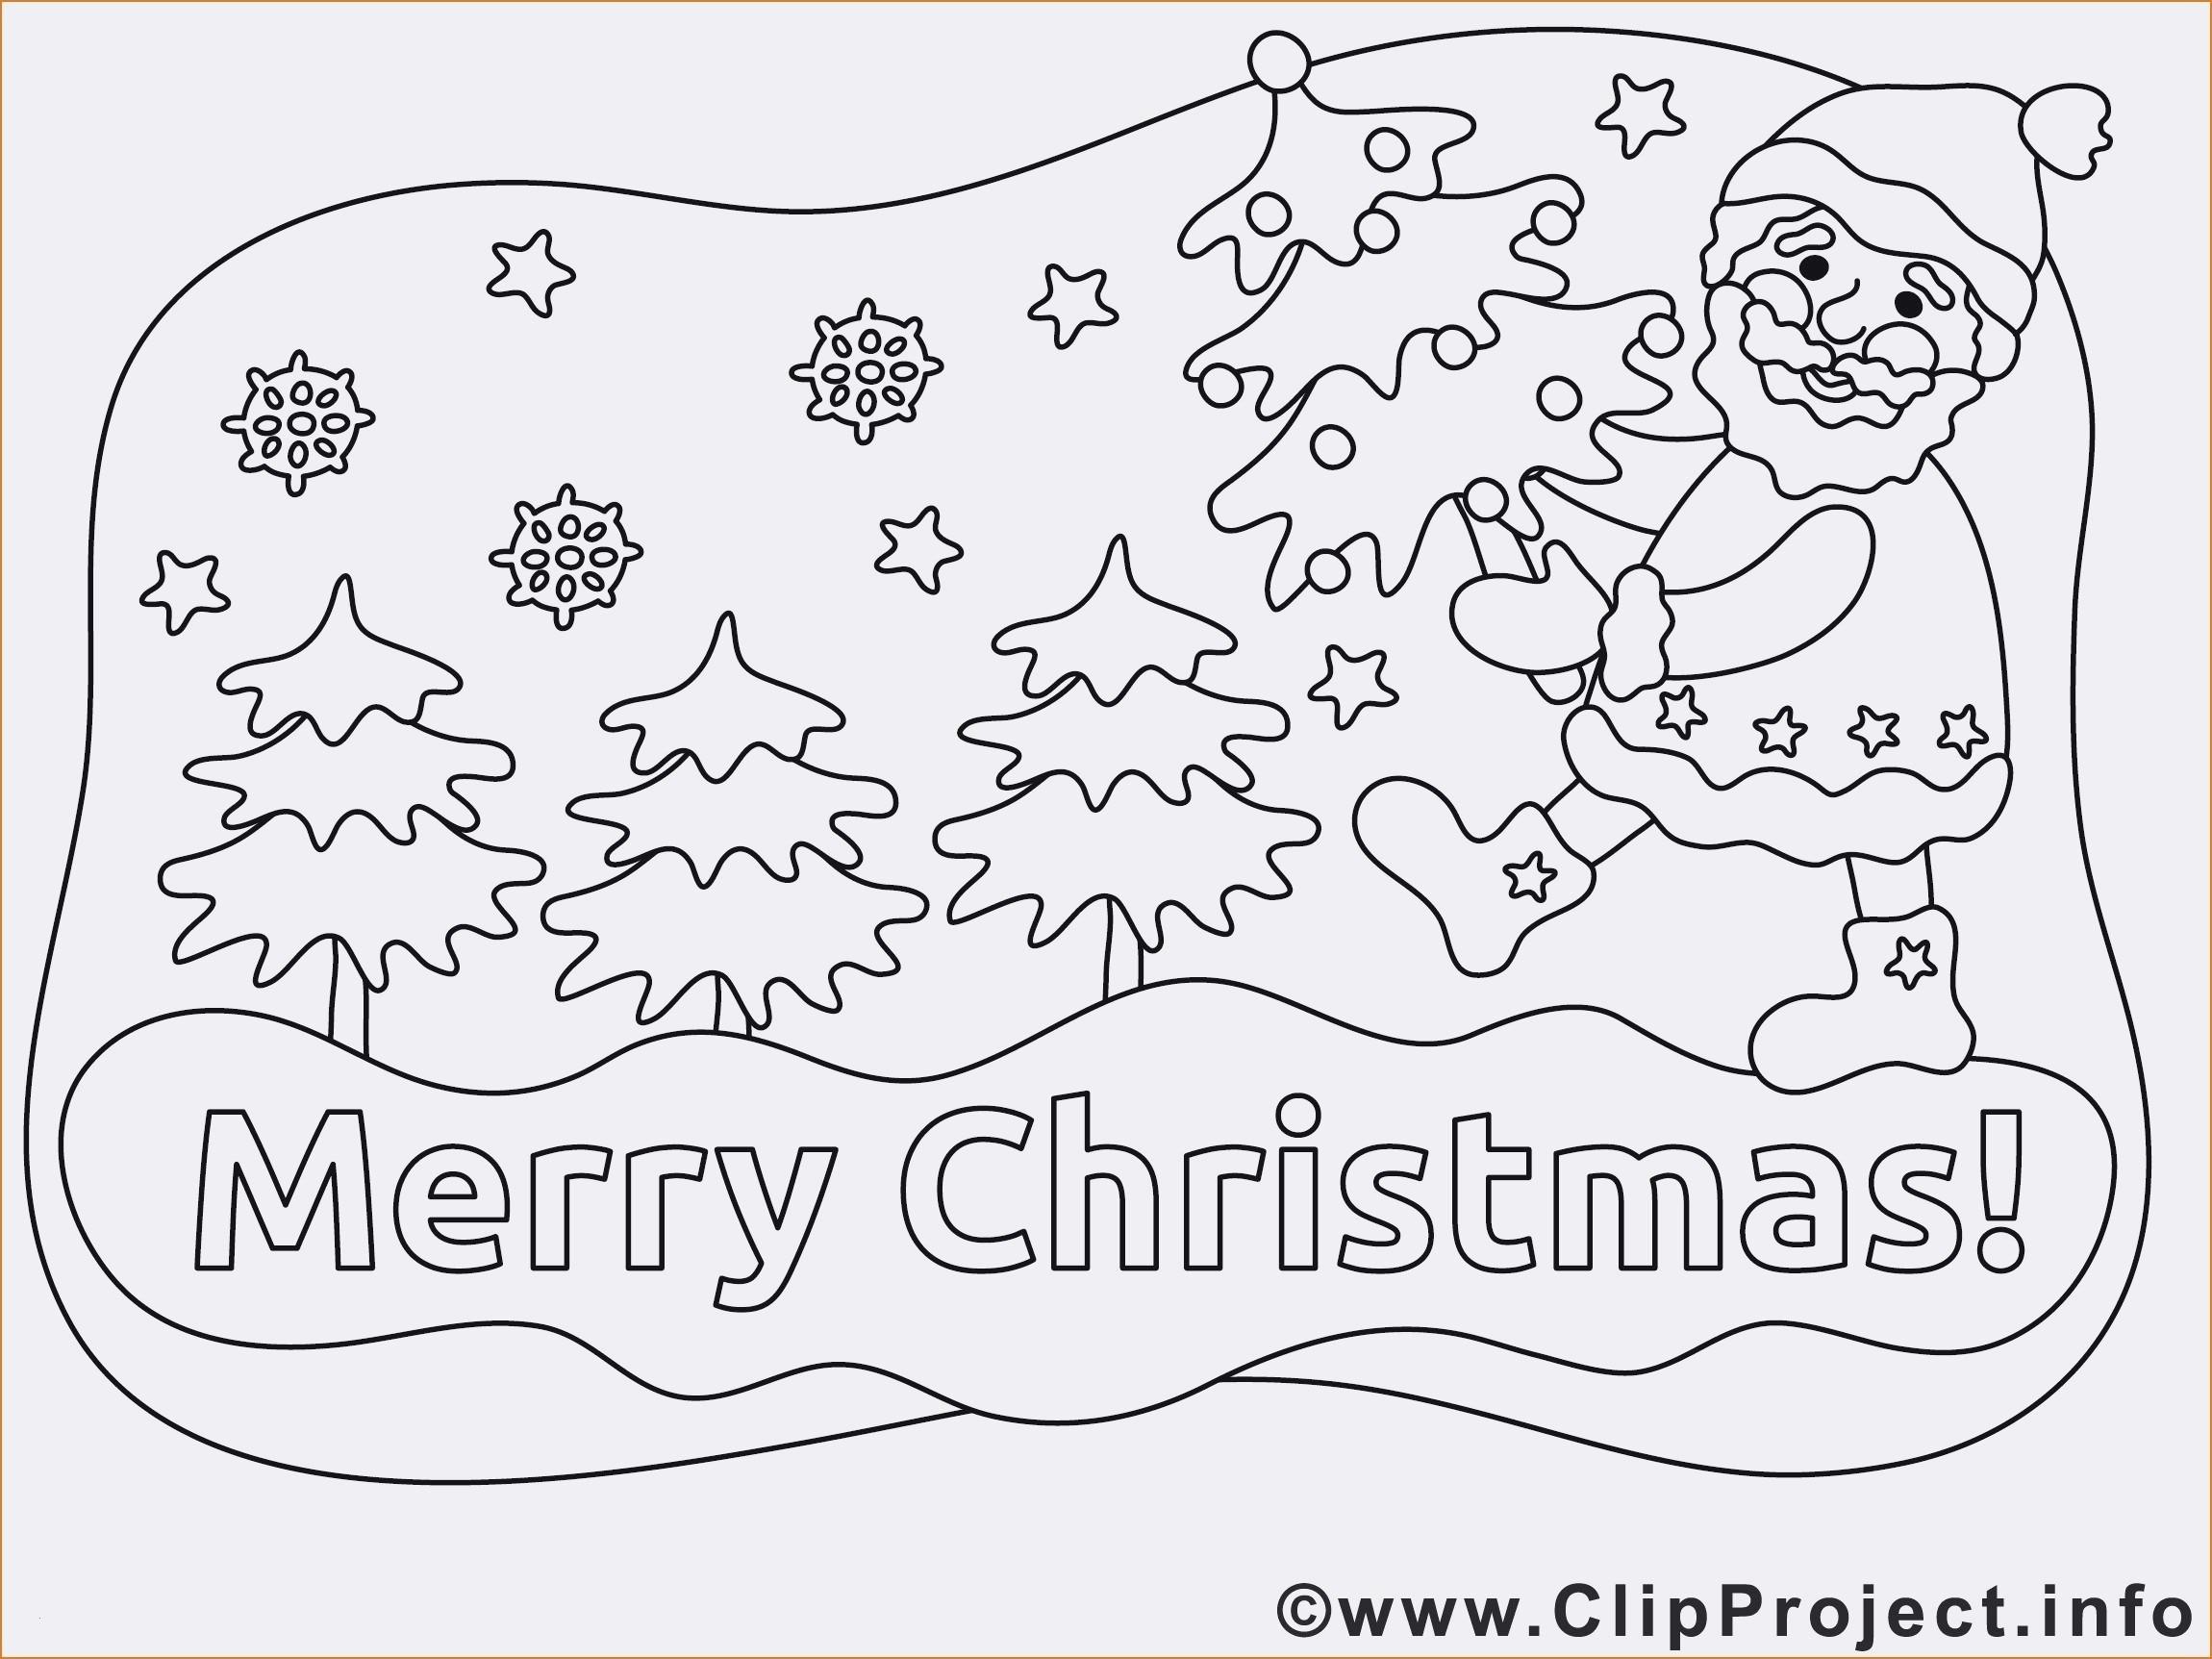 Ausmalbilder Weihnachten Einfach Einzigartig Ausmalbilder Weihnachten Krippe Mandala Kostenlos Ausdrucken Galerie